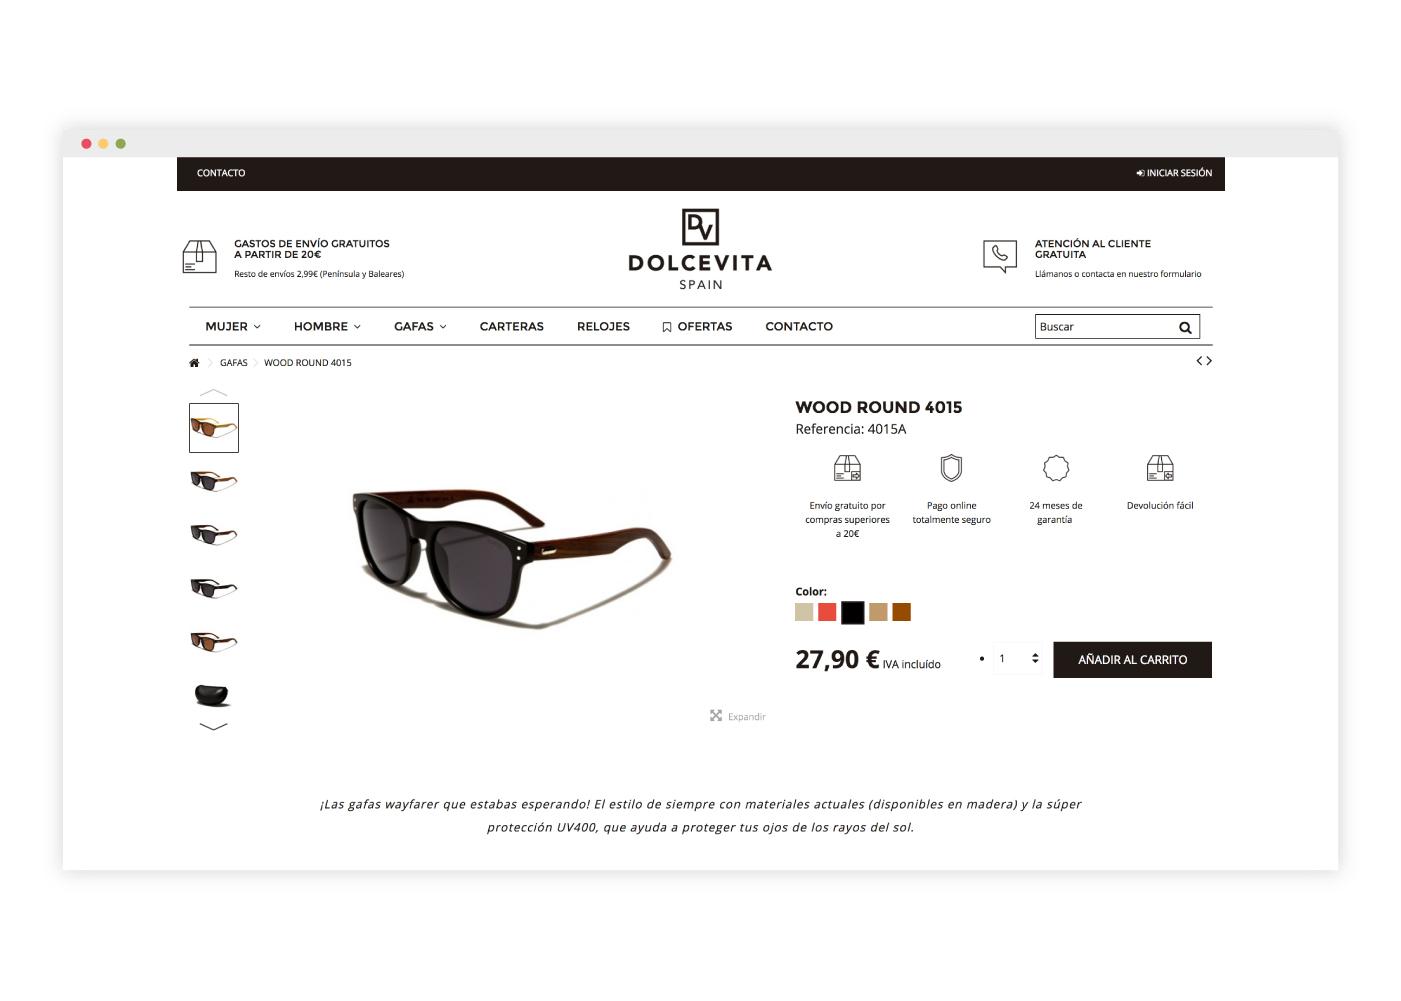 diseno-web-prestashop-tienda-online-relojes-carteras